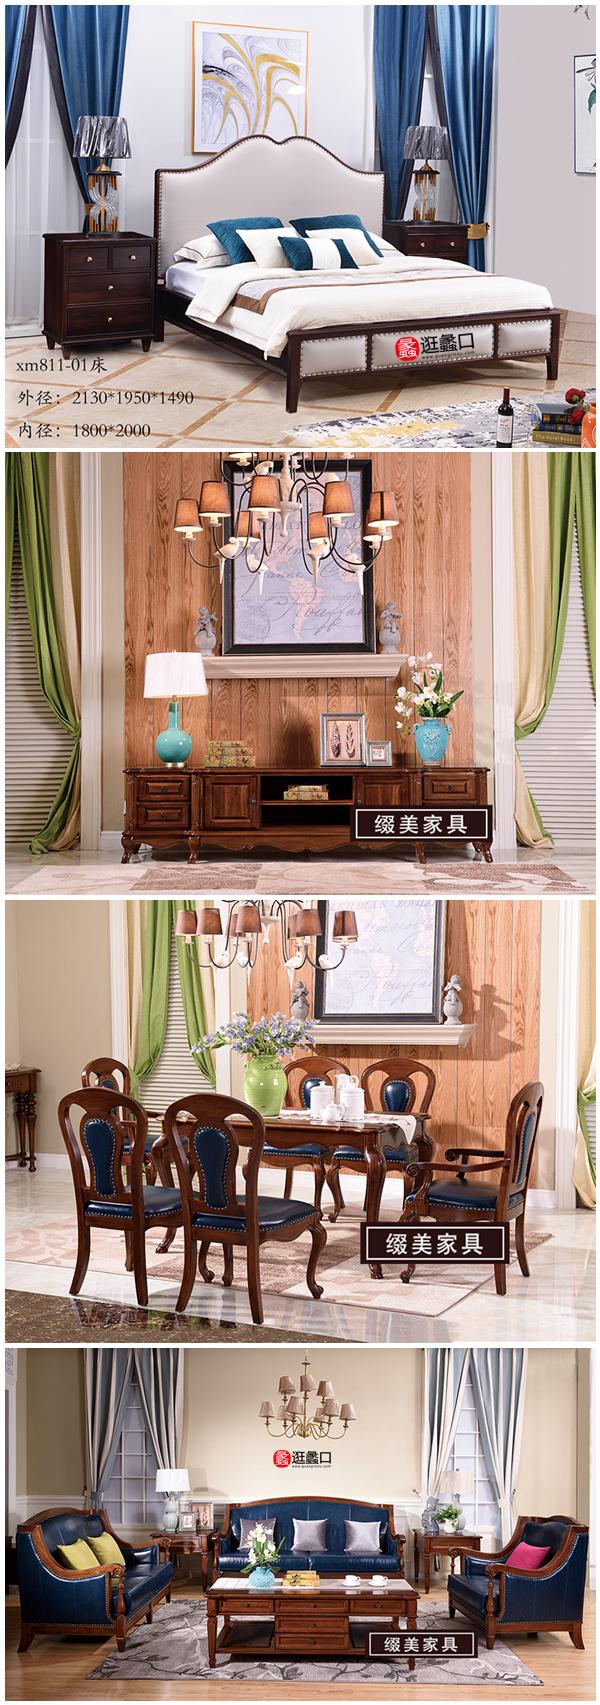 缀美家具图片